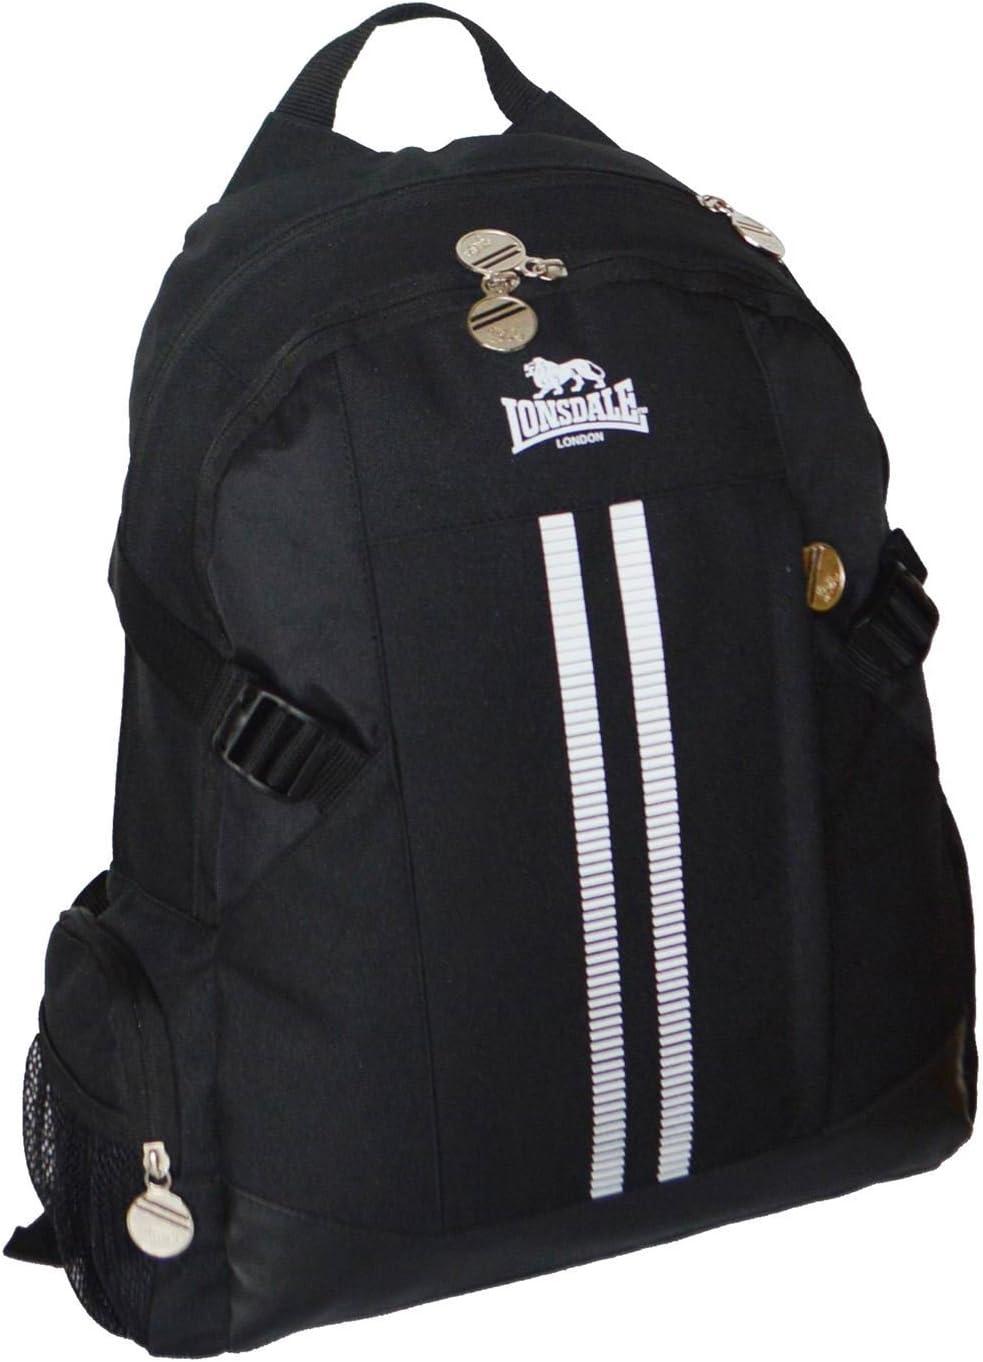 Lonsdale 2/Stripe Sport Rucksack schwarz//wei/ß Rucksack Sporttasche Gymbag Kitbag